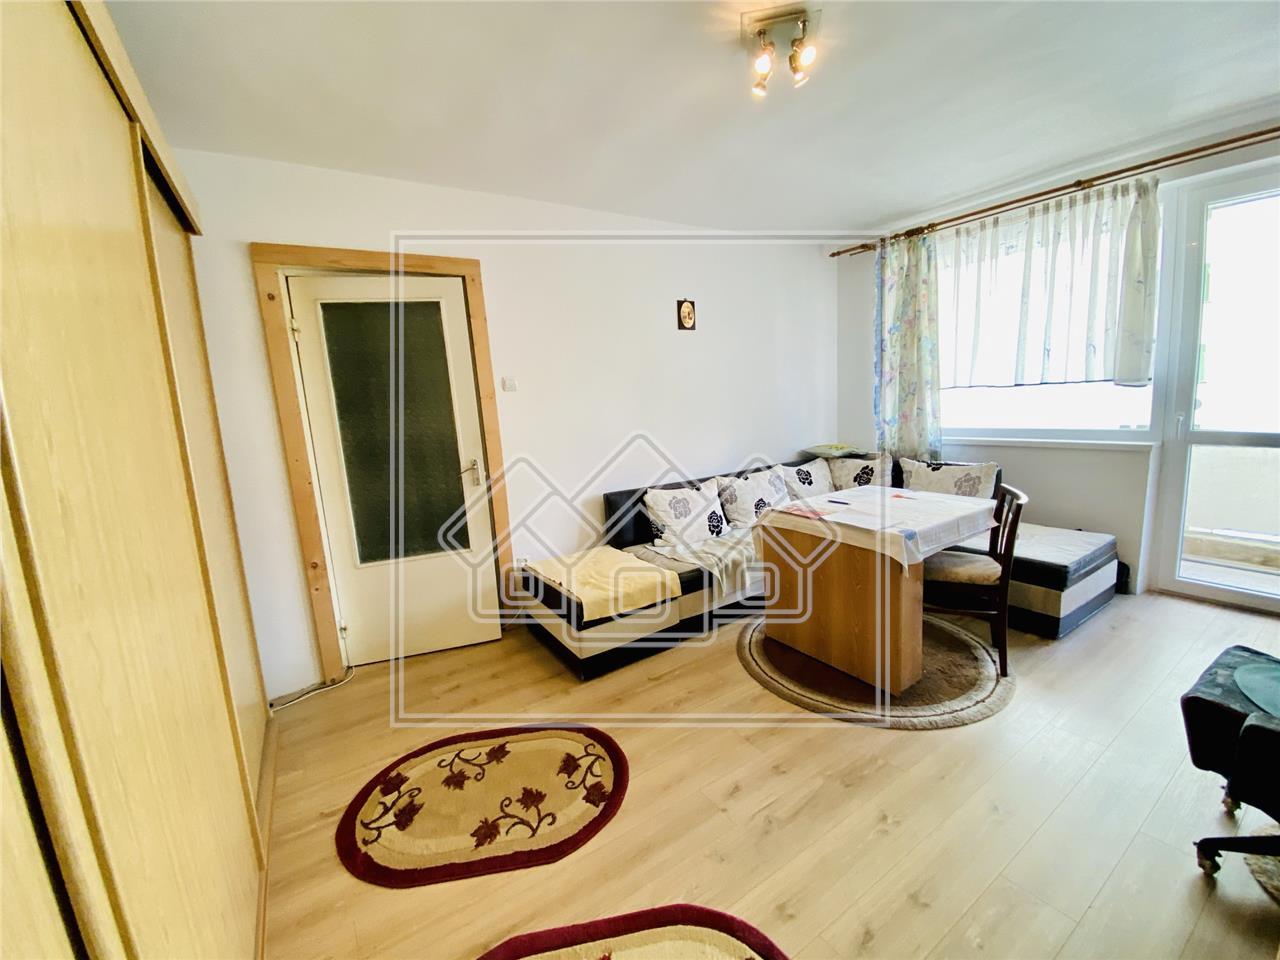 Apartament de vanzare in Sibiu - 2 camere si balcon - Zona M. Viteazu